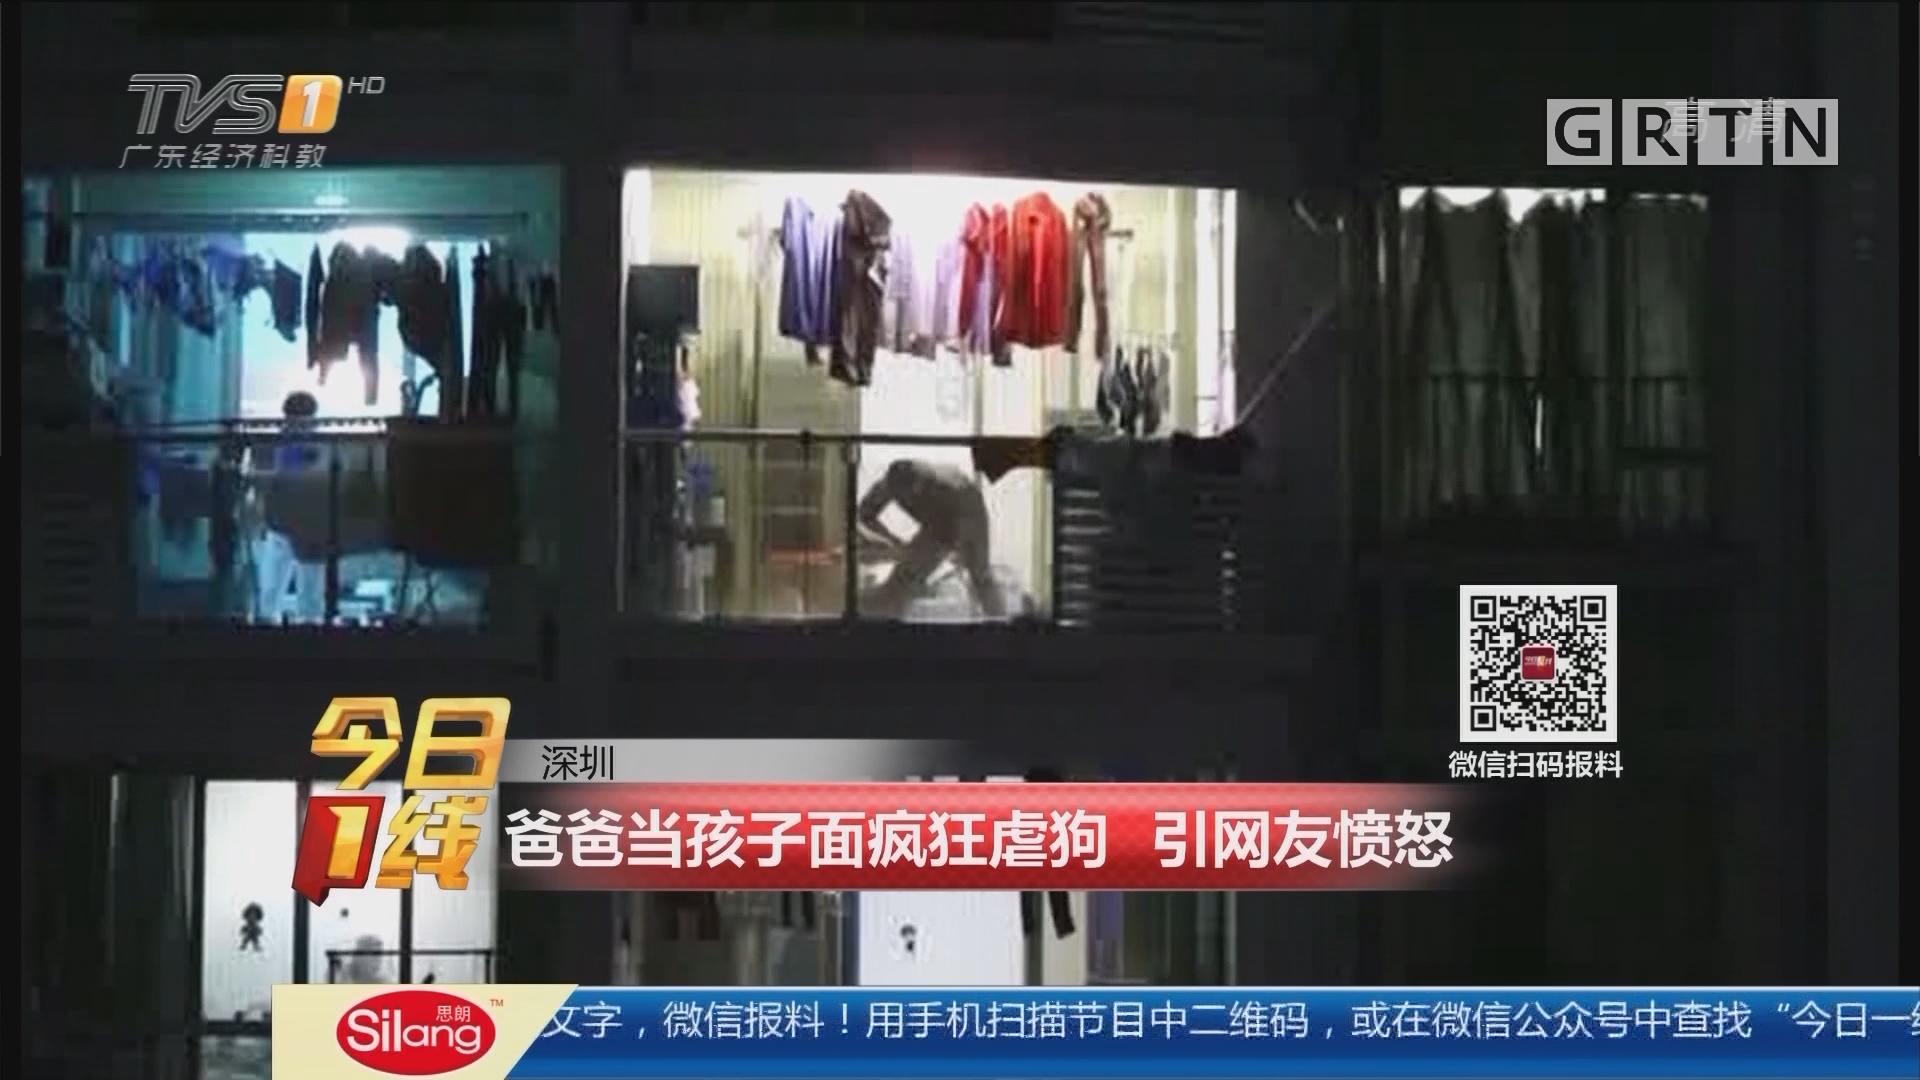 深圳:爸爸当孩子面疯狂虐狗 引网友愤怒